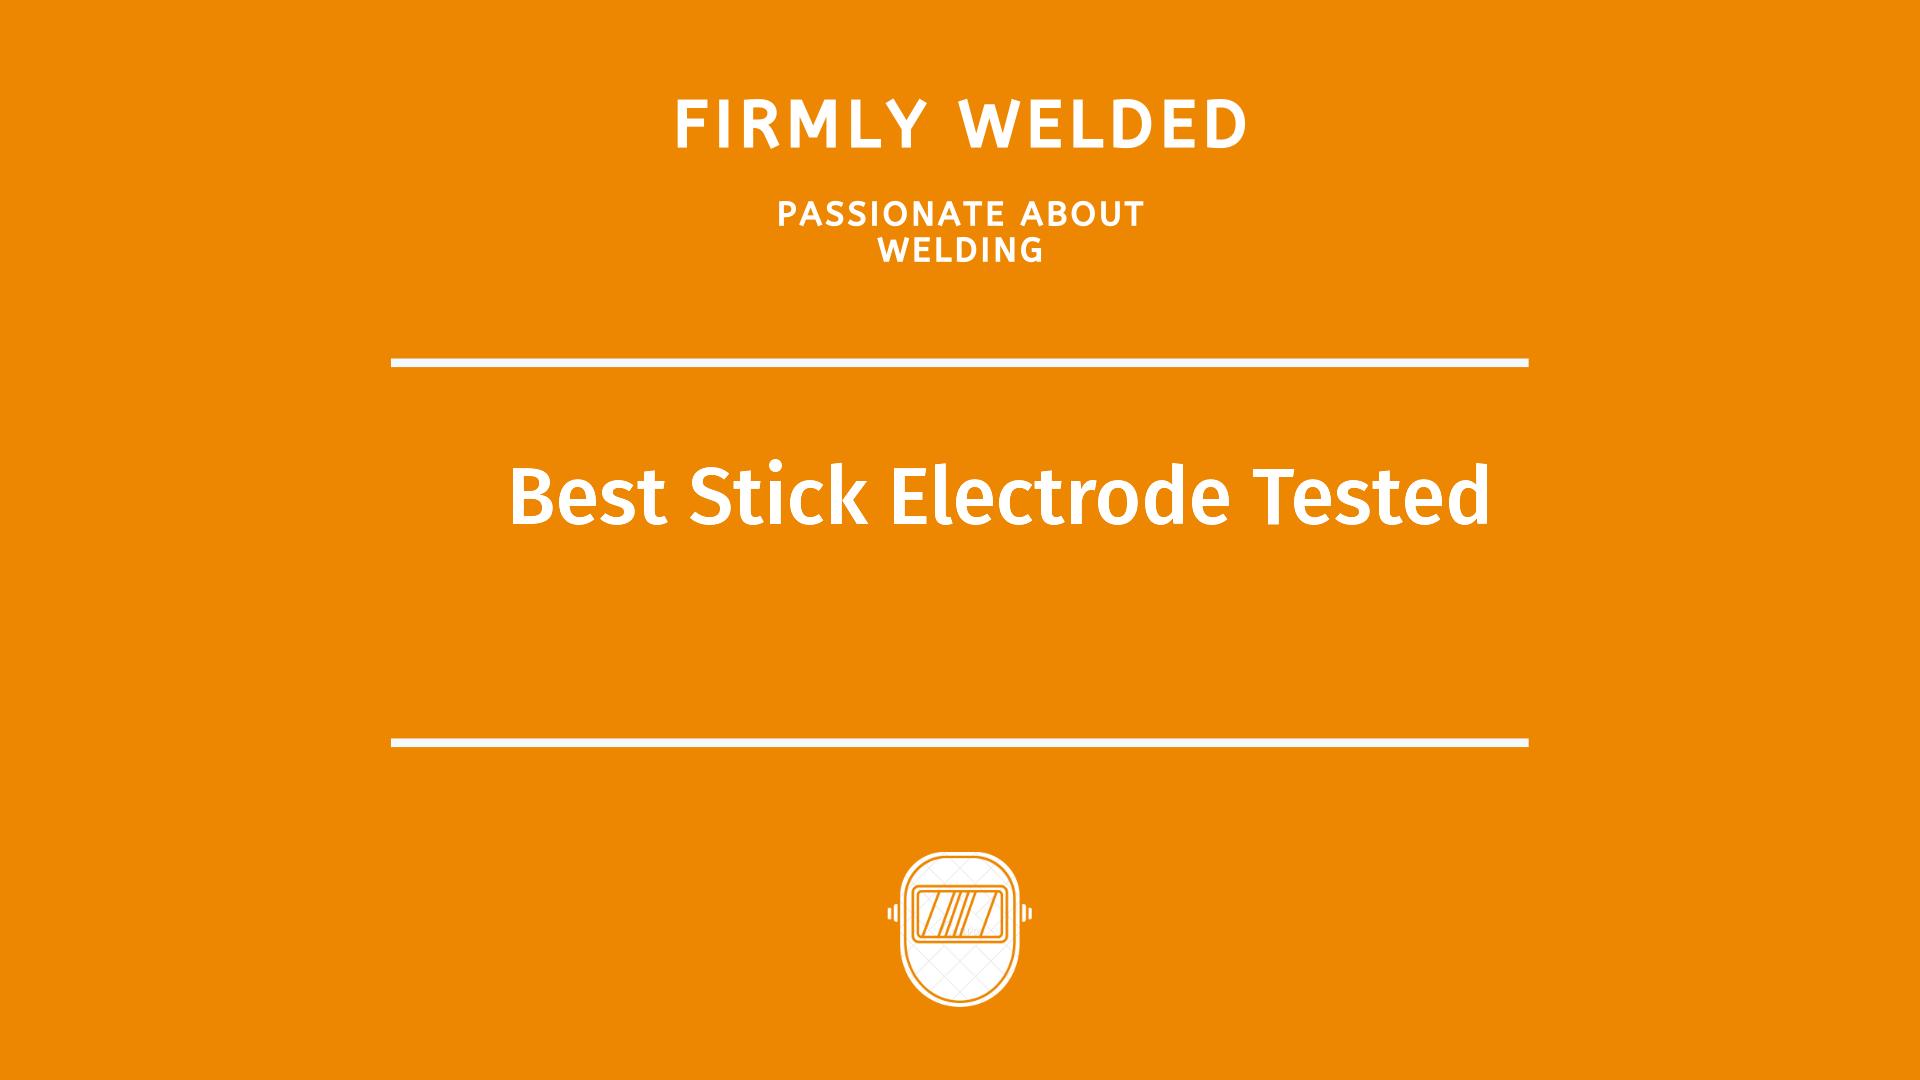 Best Stick Electrode Tested